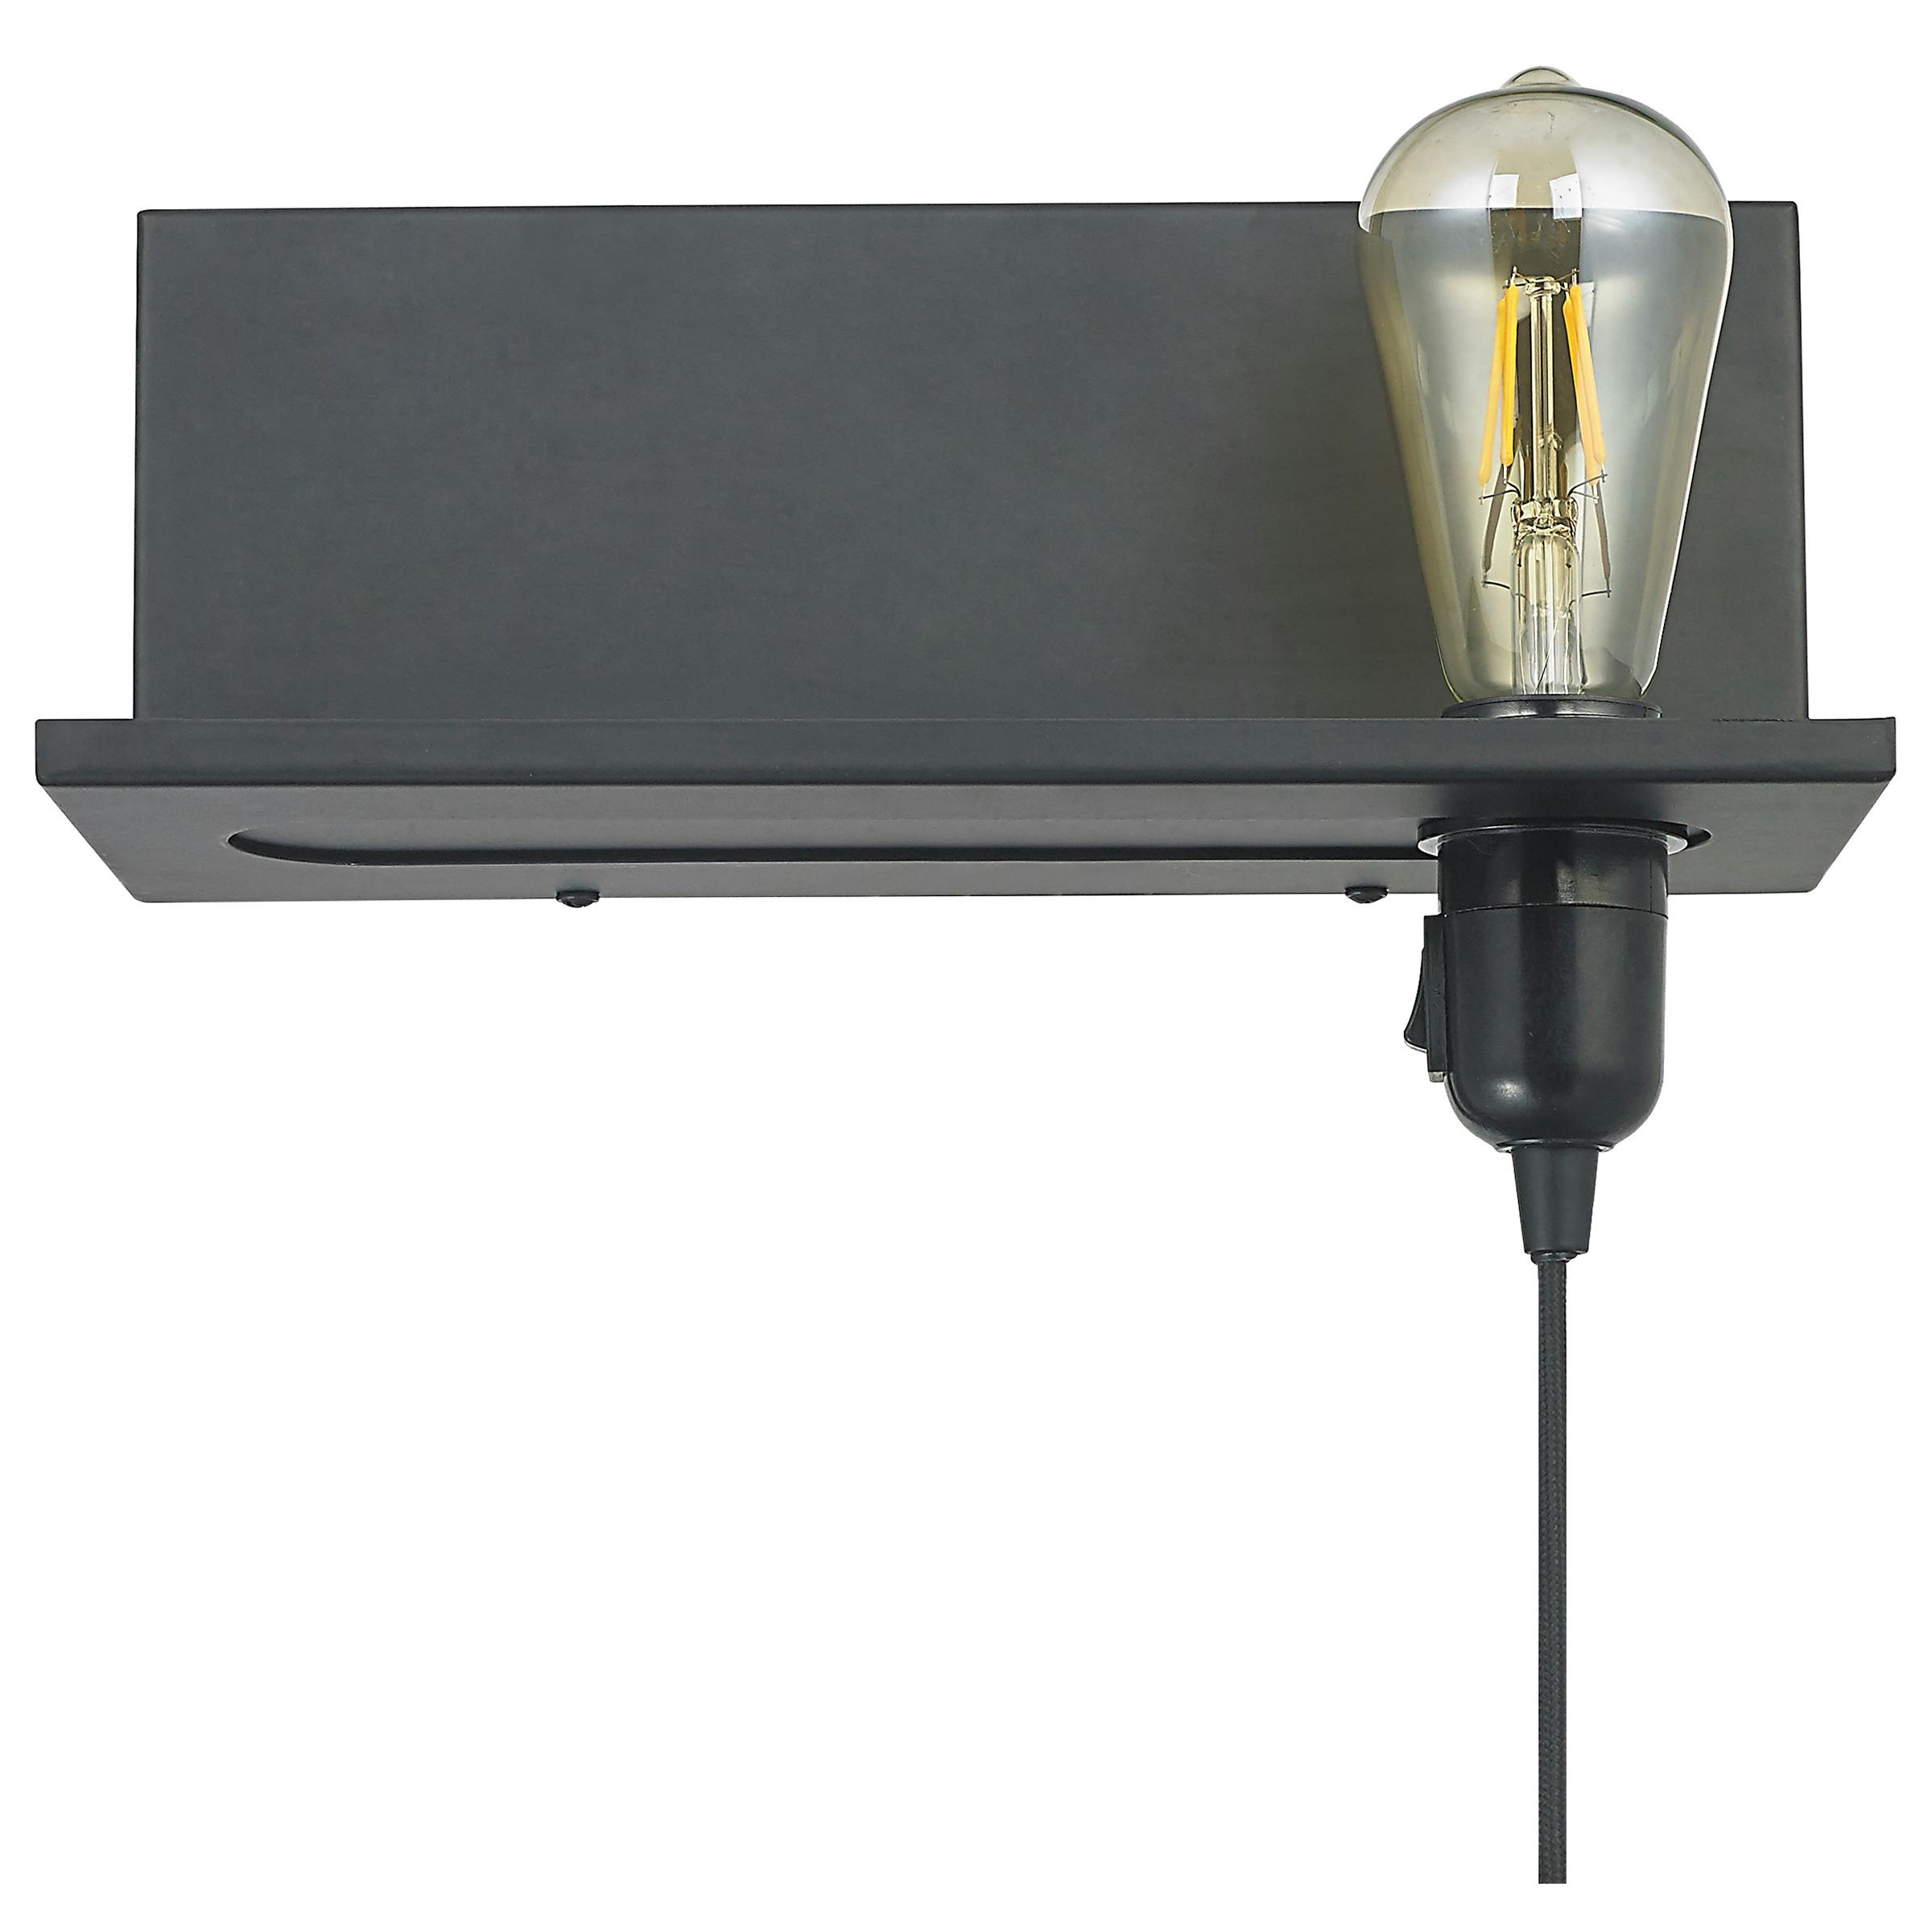 KARWEI wandlamp Jesper (lamp zowel links als rechts te plaatsen)